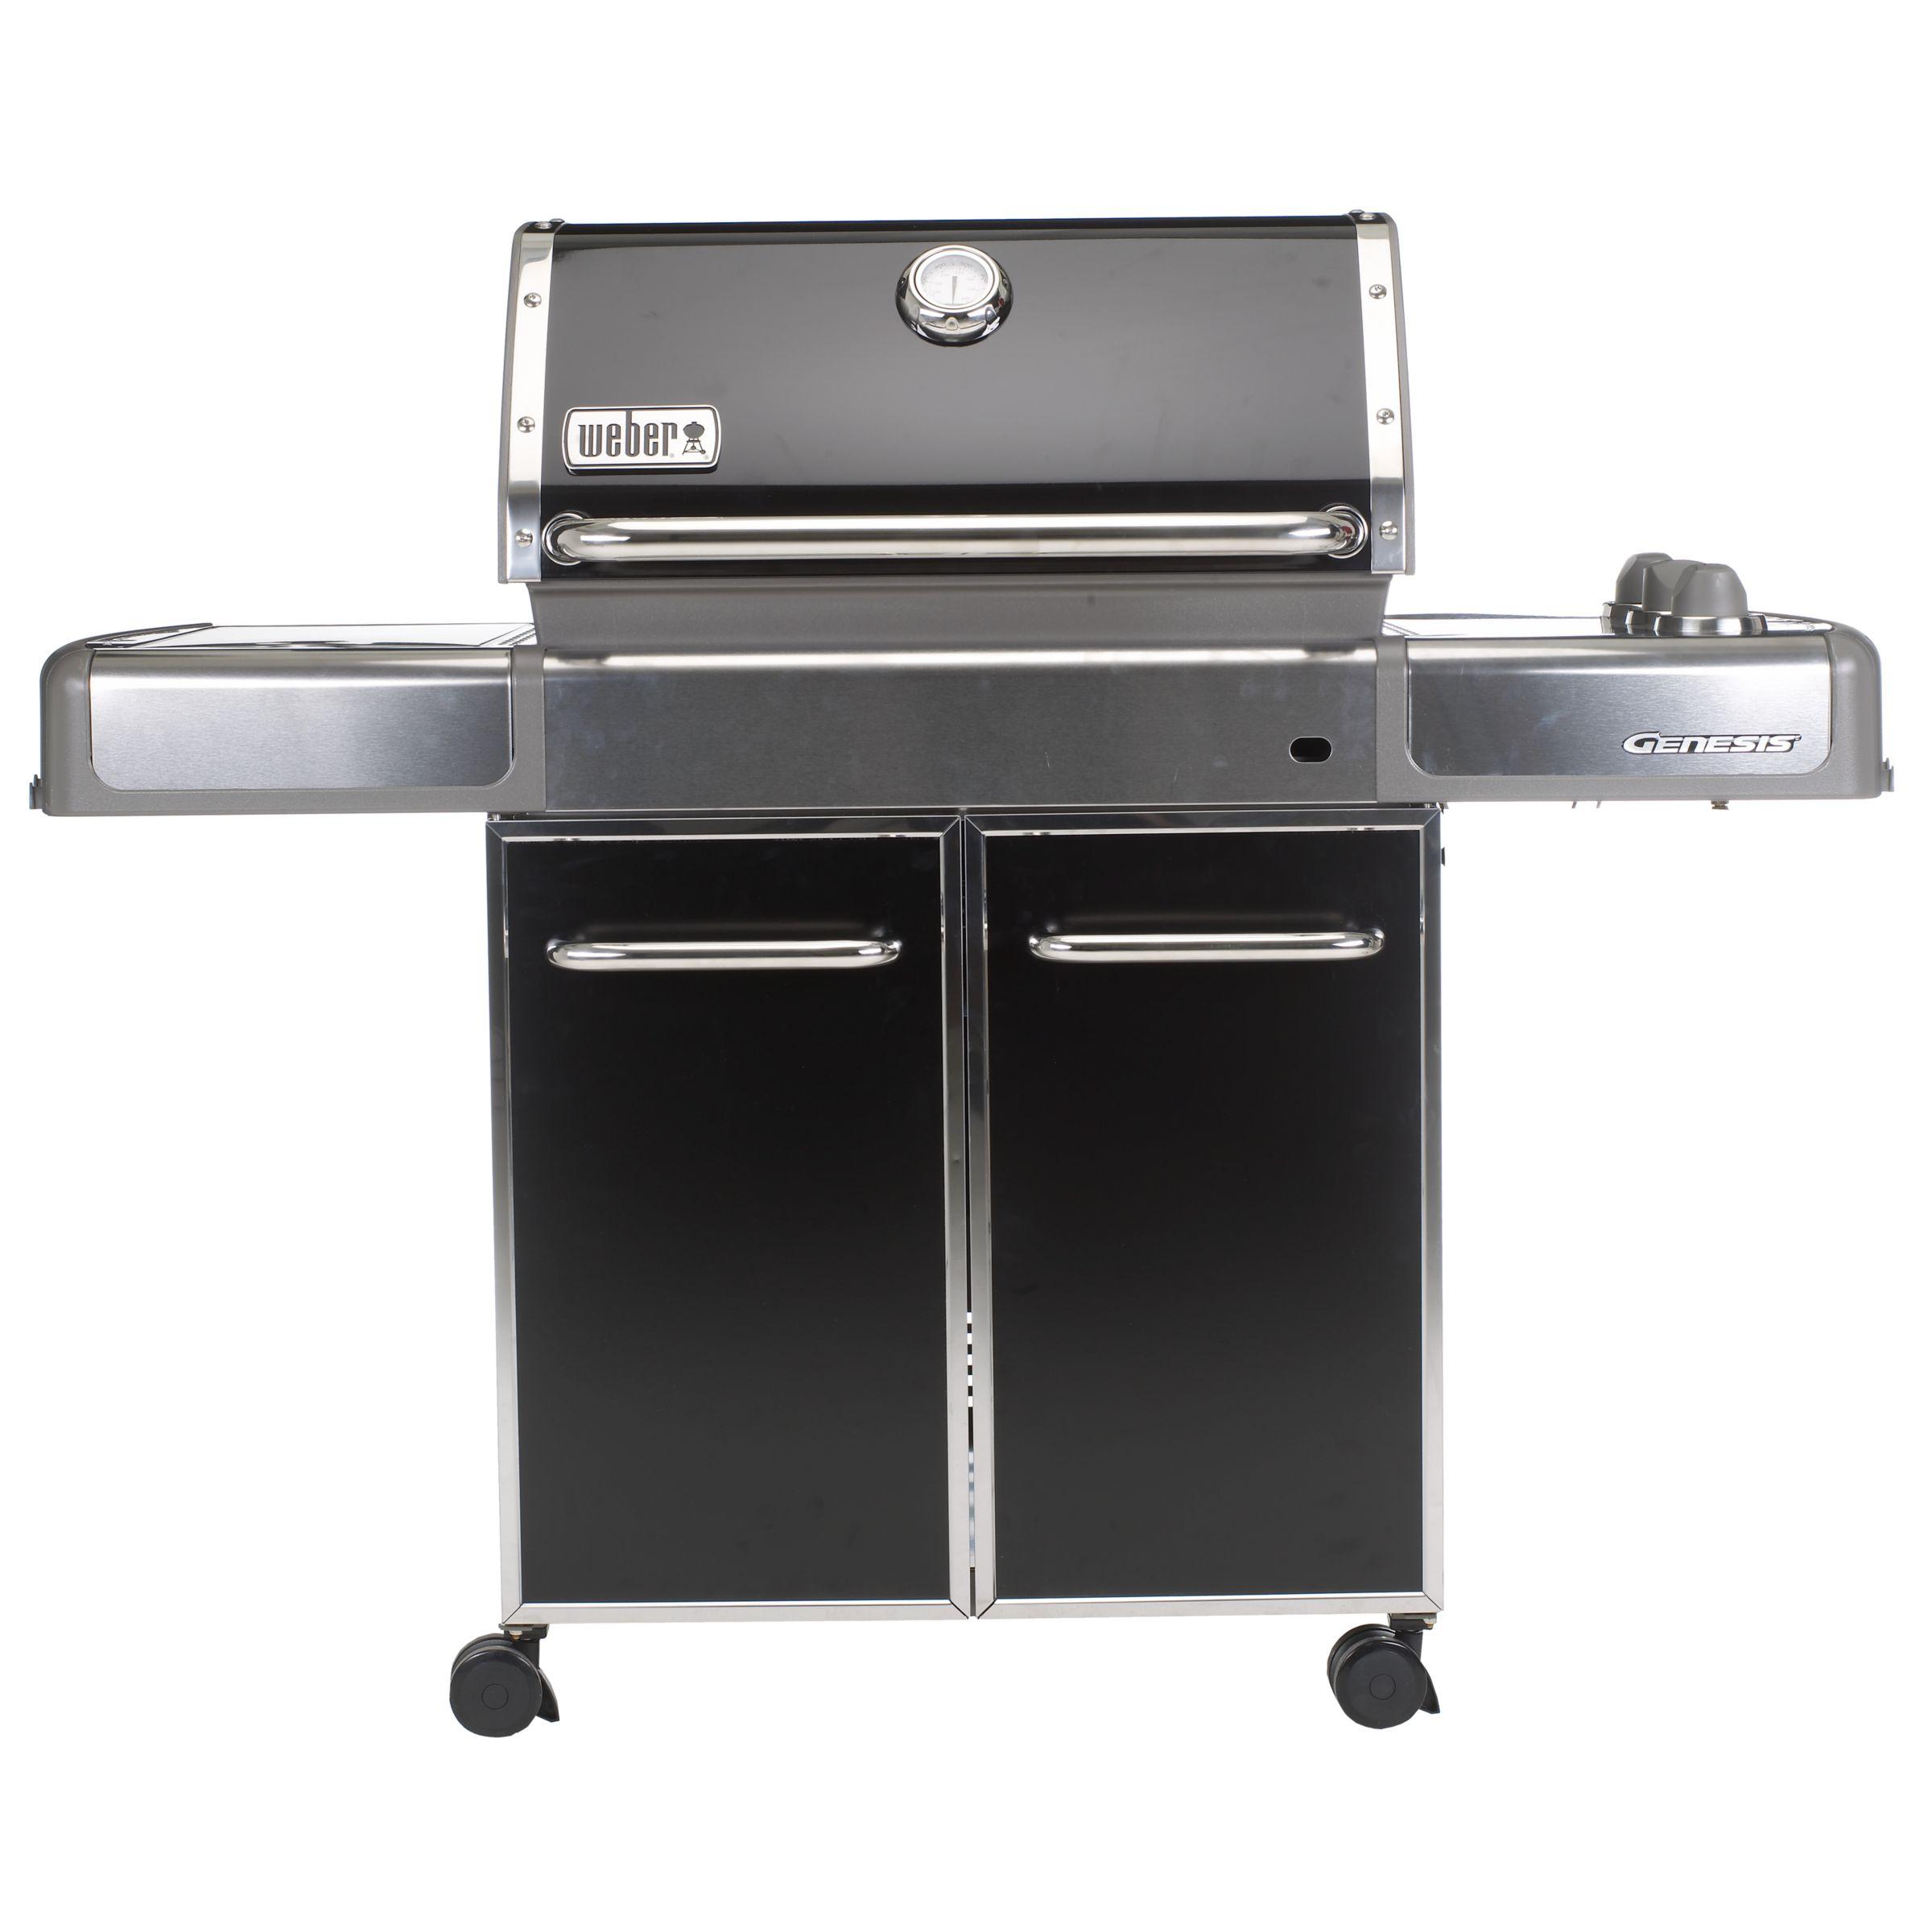 Weber Genesis E320 Gas Barbecue